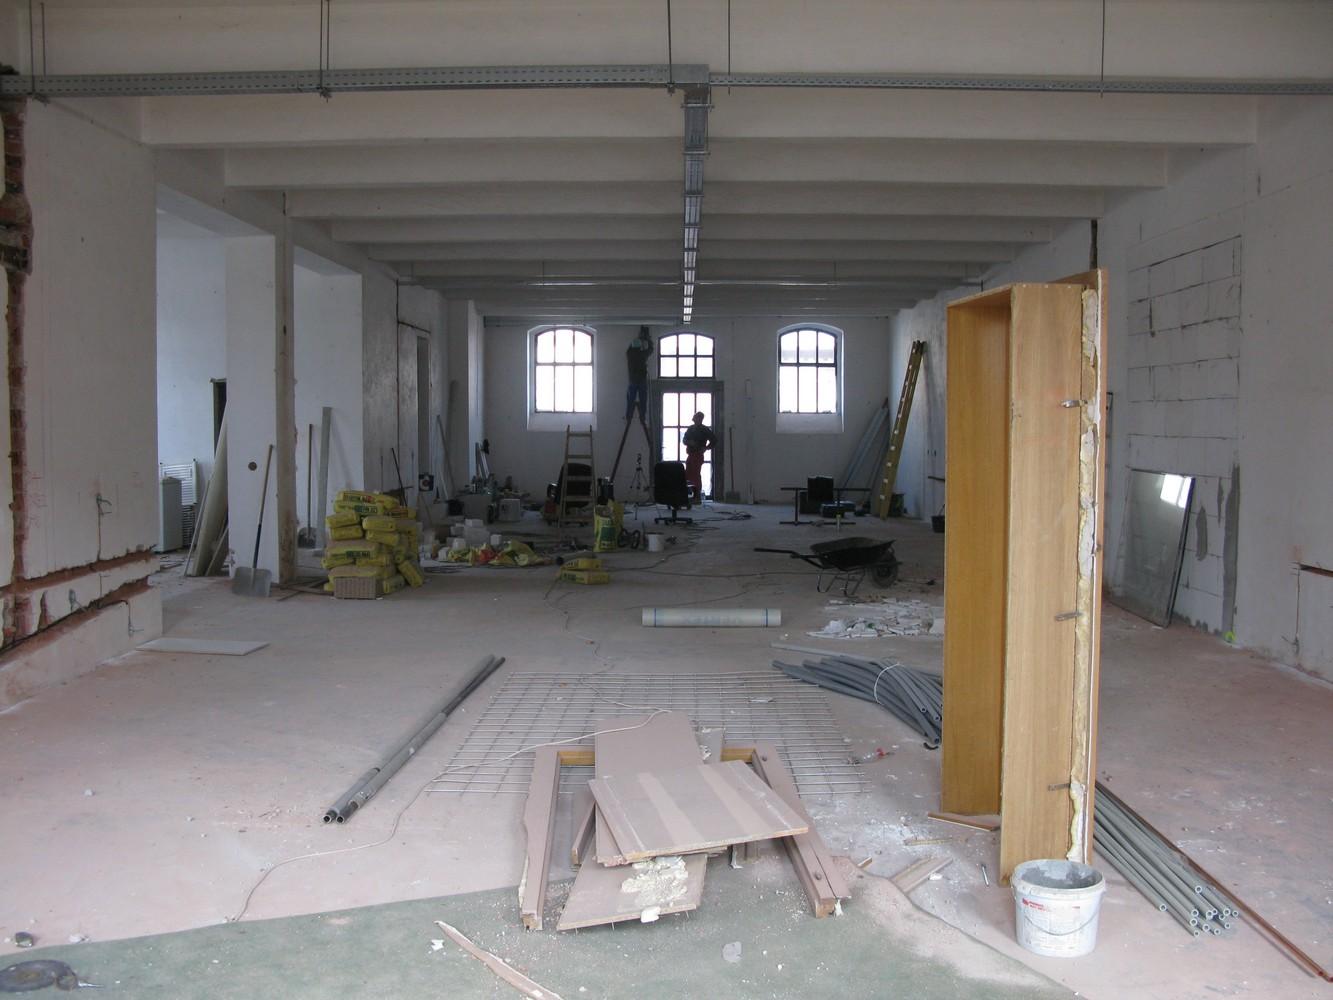 zahájení rekonstrukce demoliční práce